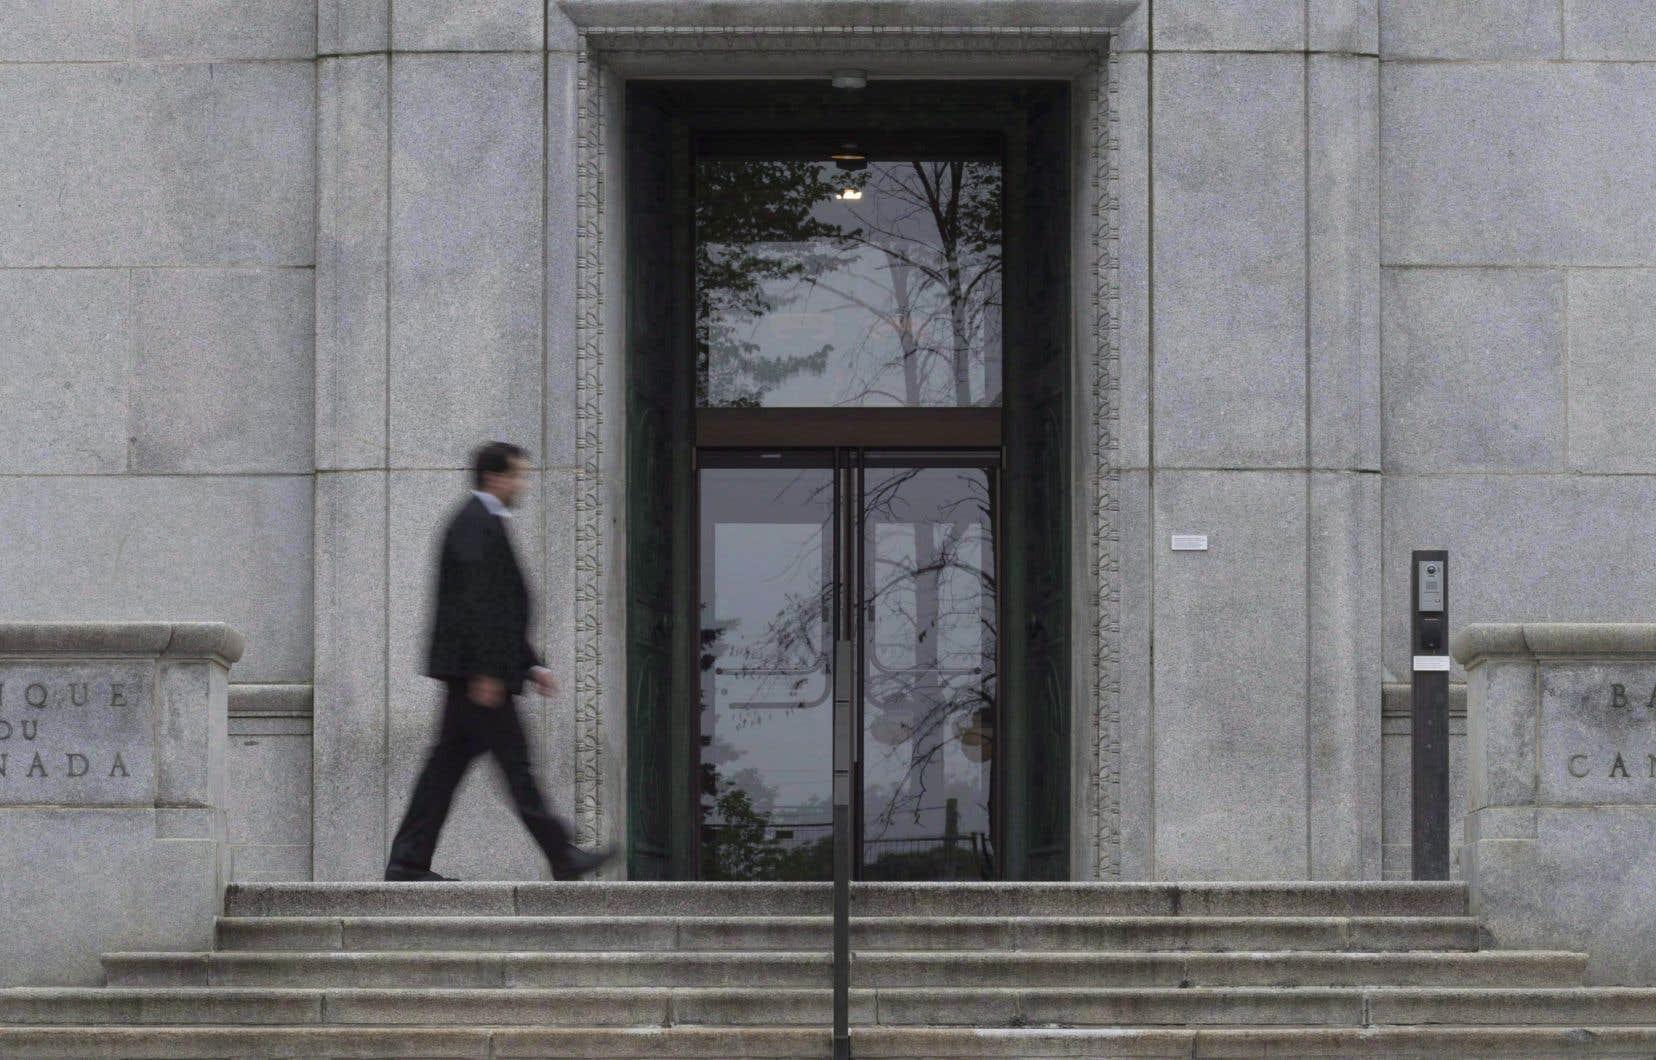 Mercredi, la Banque du Canada a maintenu son taux directeur à 1,75%. Cette décision était largement attendue.